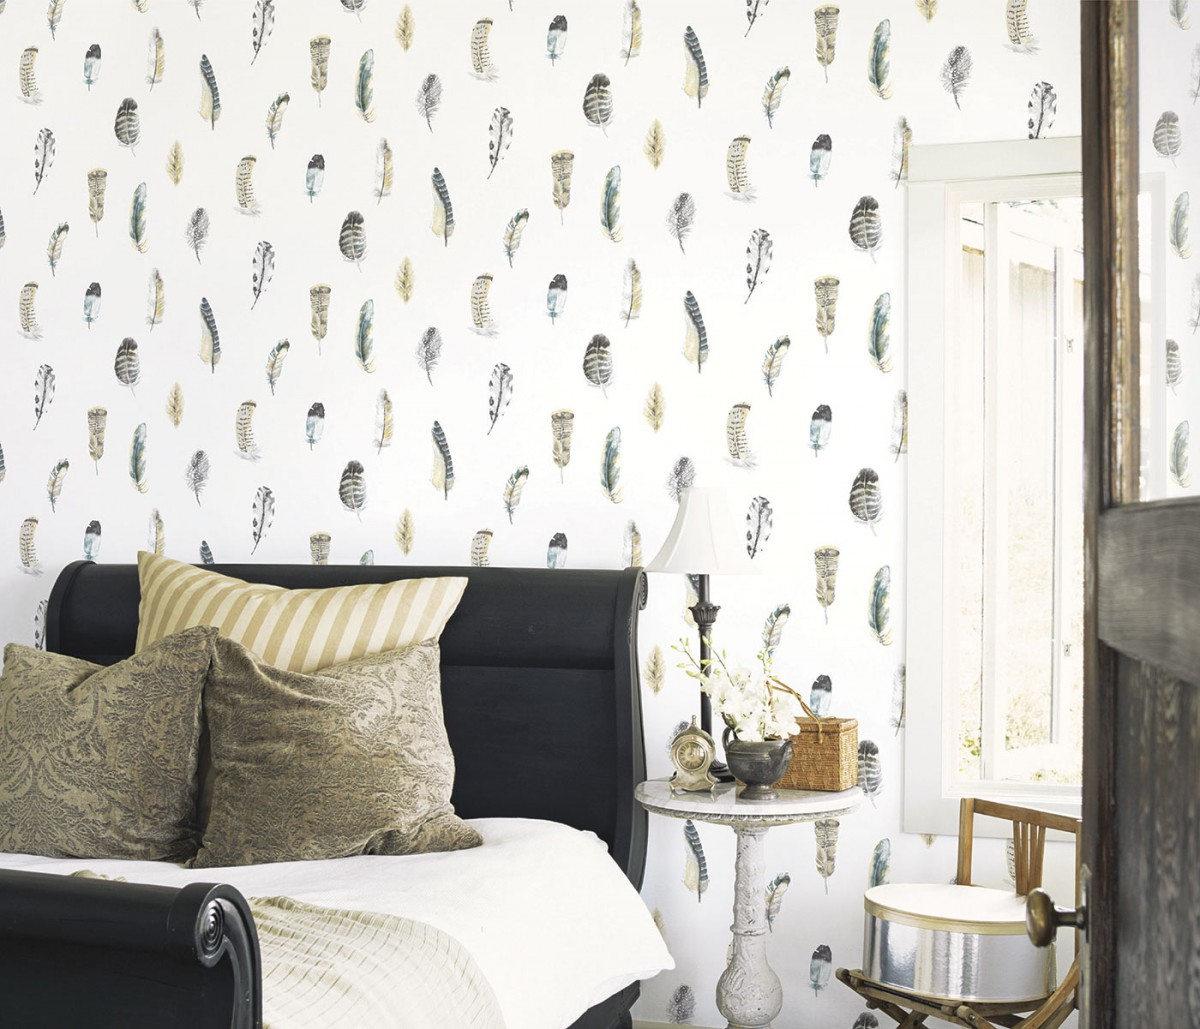 papel pintado estilo moderno pinturas arte nuevo. Black Bedroom Furniture Sets. Home Design Ideas